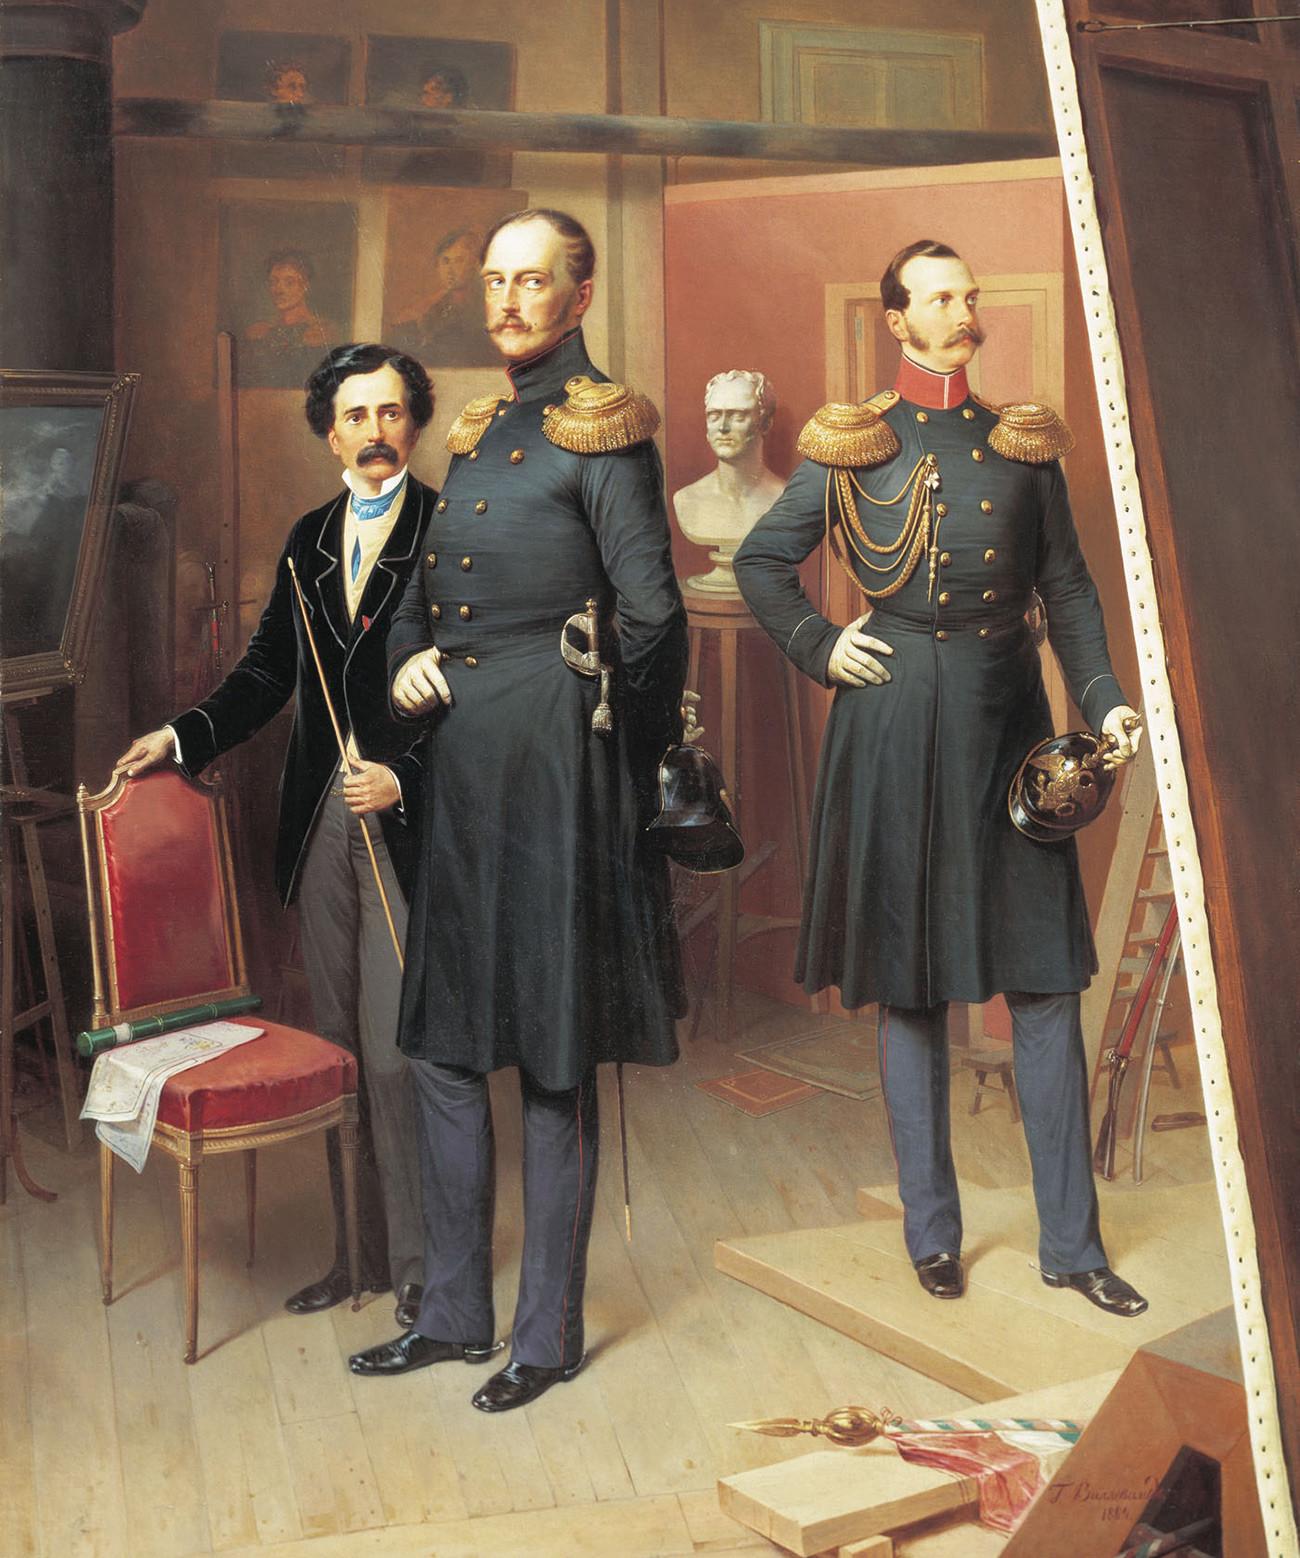 ニコライ1世とアレクサンドル皇太子